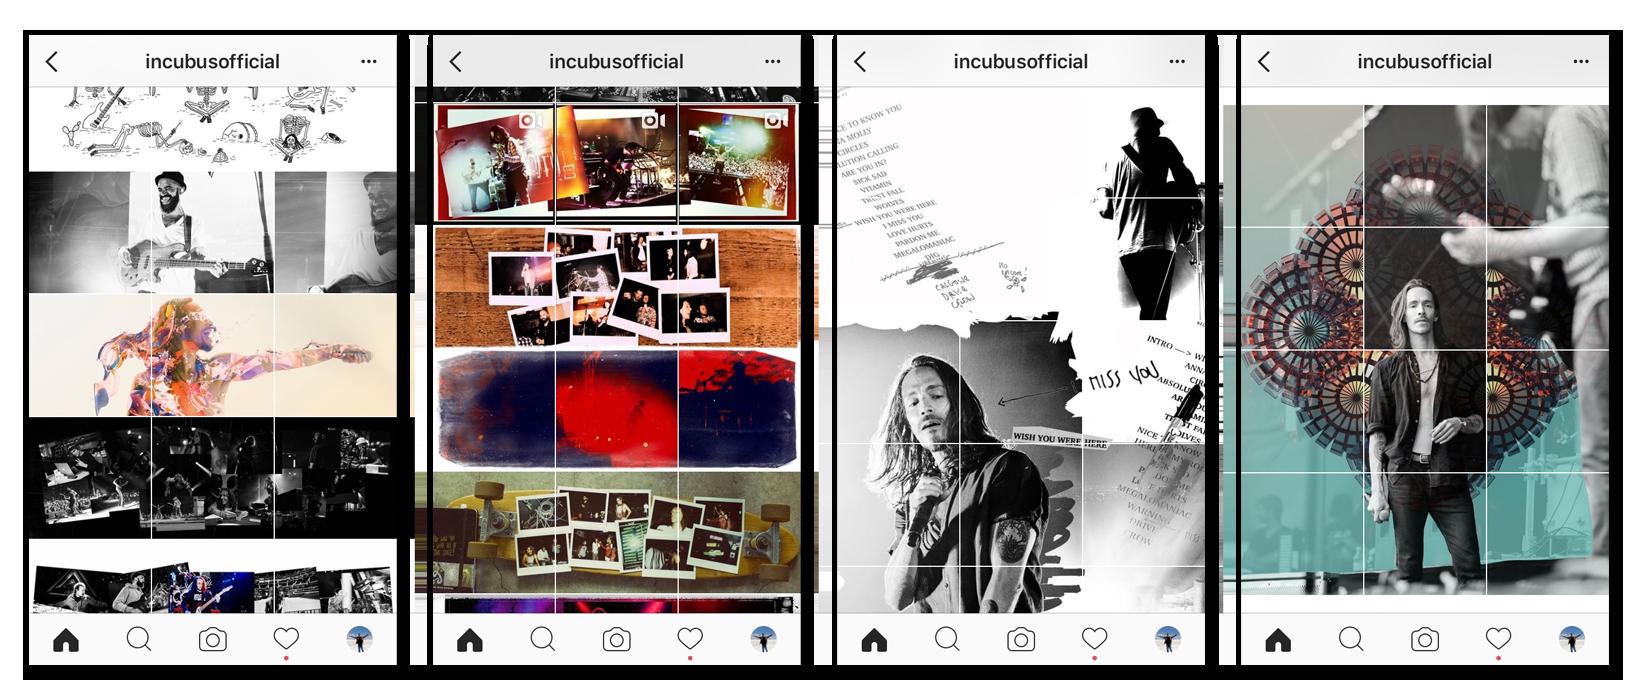 Lo vi en varios perfiles de Instagram, pero el que más me sorprendió fue el de la banda de rock norteamericana Incubus ( @incubusofficial ), por la forma en que comenzaron a diseñar sus posts específicamente para sorprender a sus seguidores de esa manera: una foto a la vez, es parte de una mucho más grande.